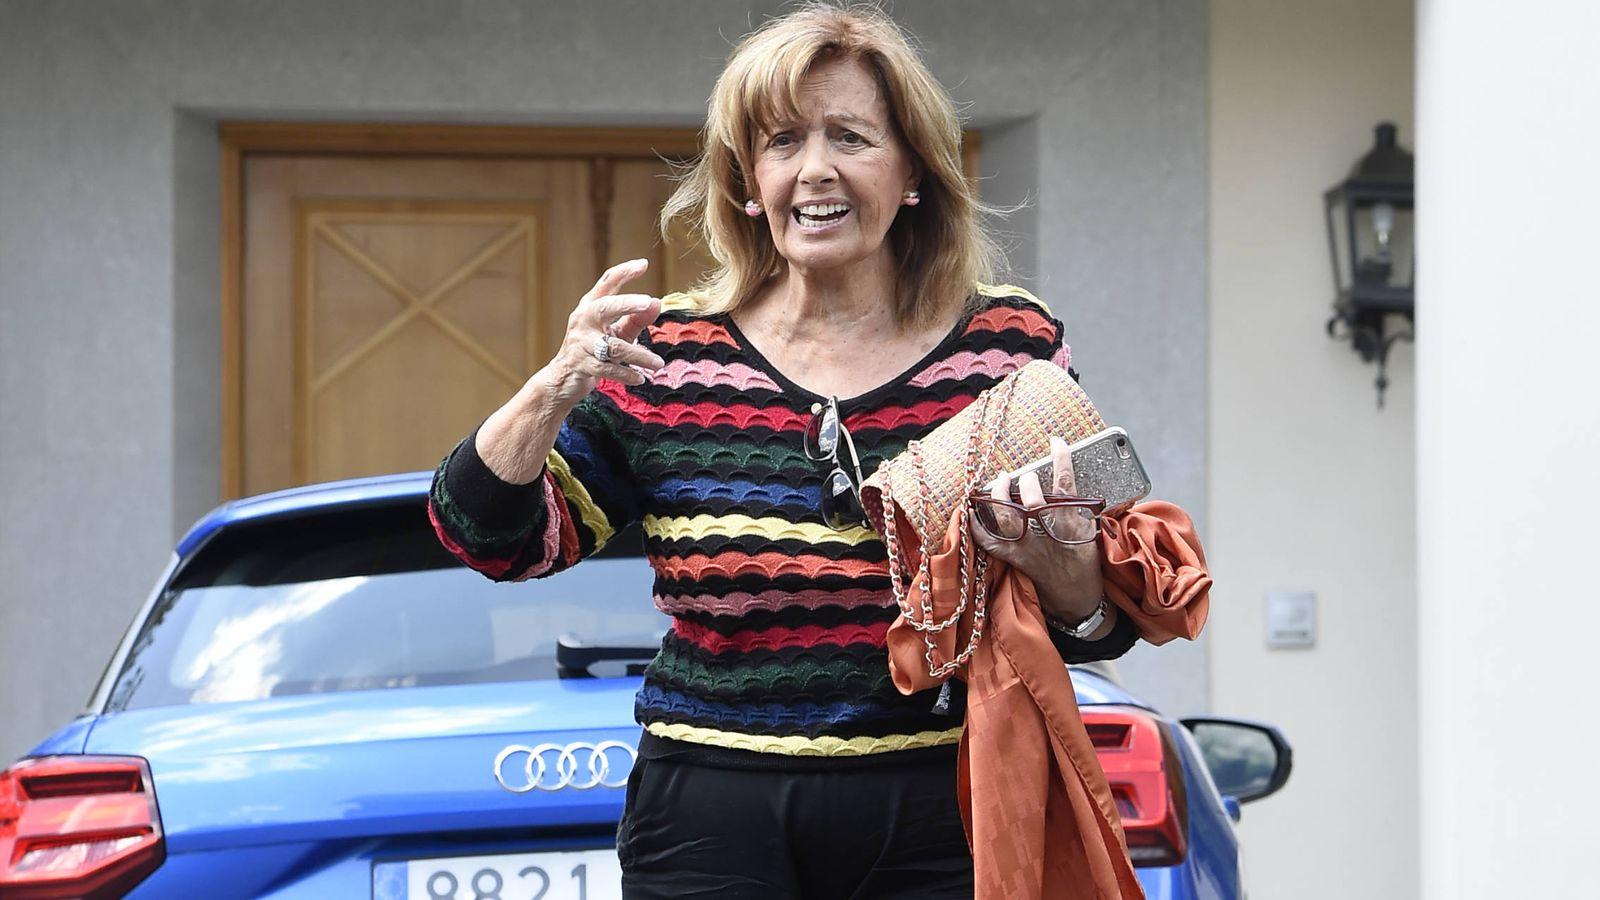 Foto: La presentadora María Teresa Campos yendo a una revisión médica. (Gtres)